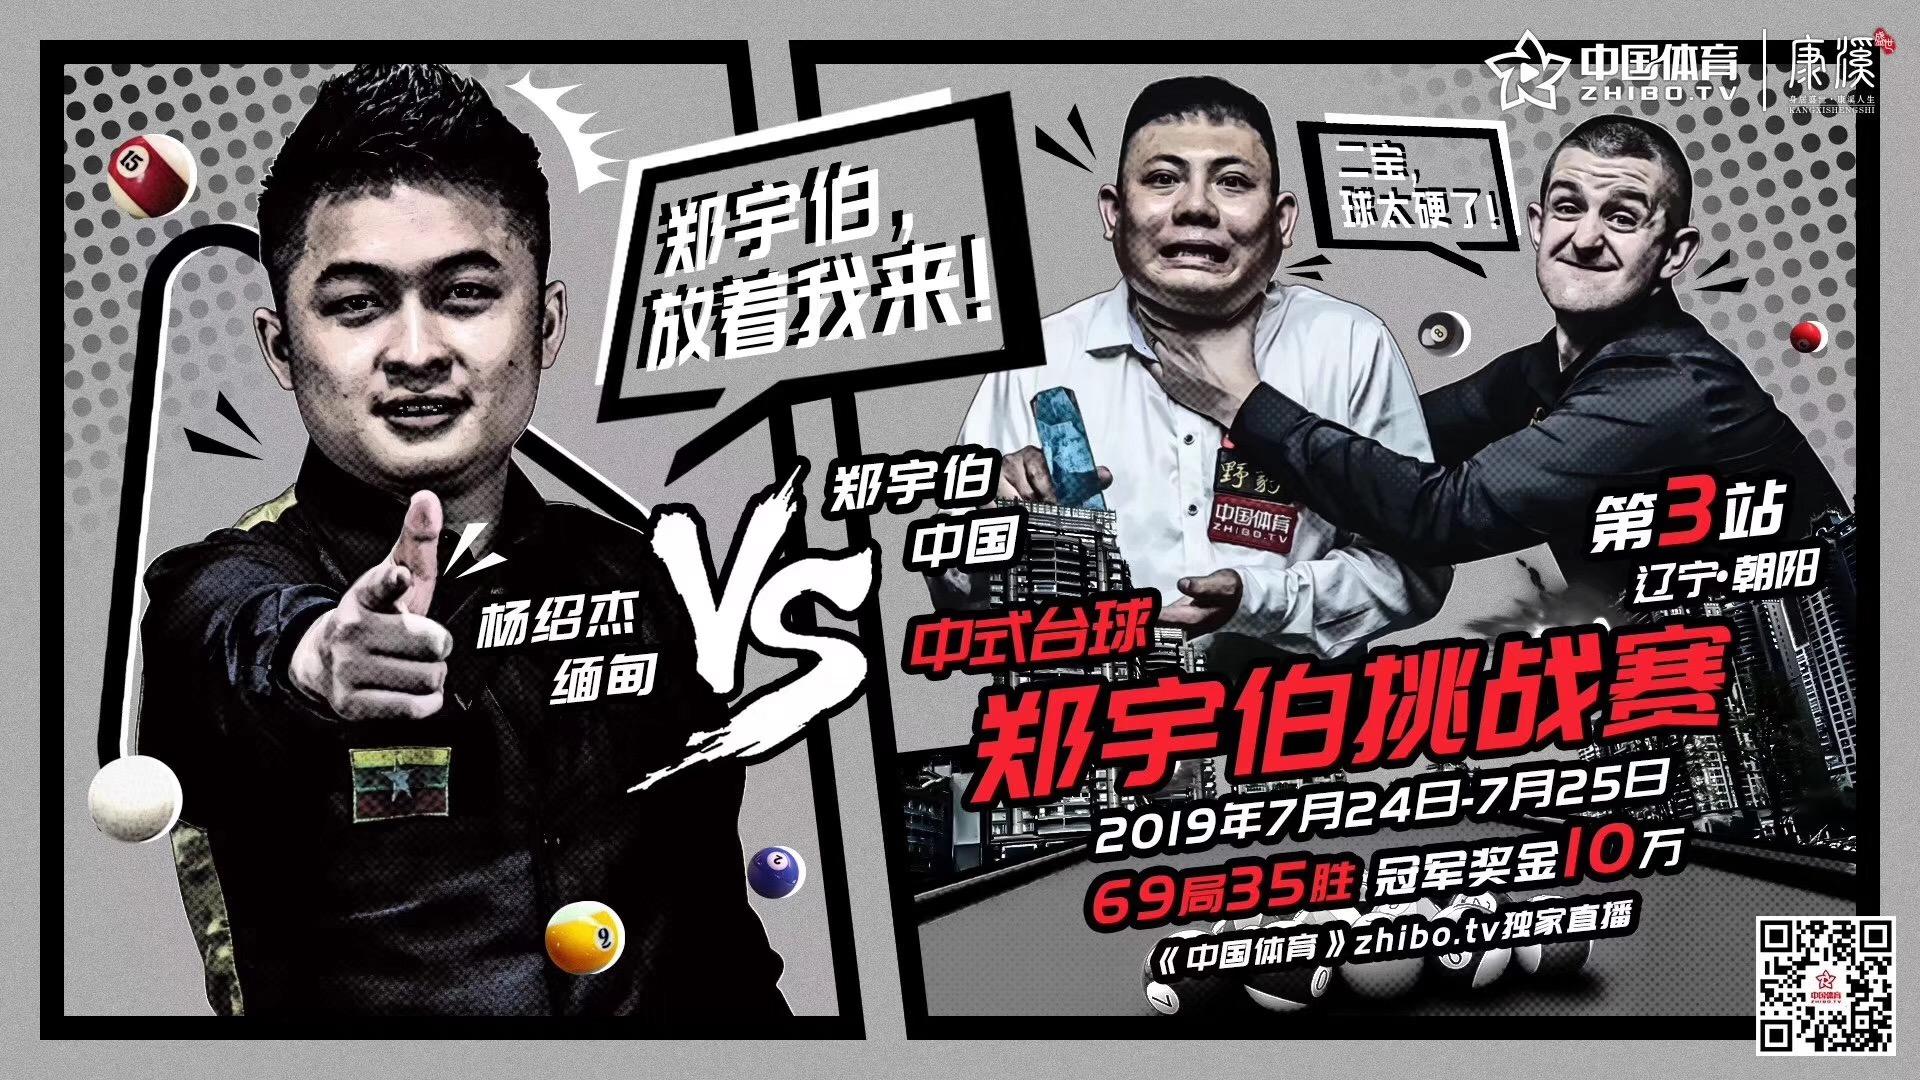 台球表一表   郑宇伯挑战赛3.0 你俩要这么互呛 我可不困了啊!